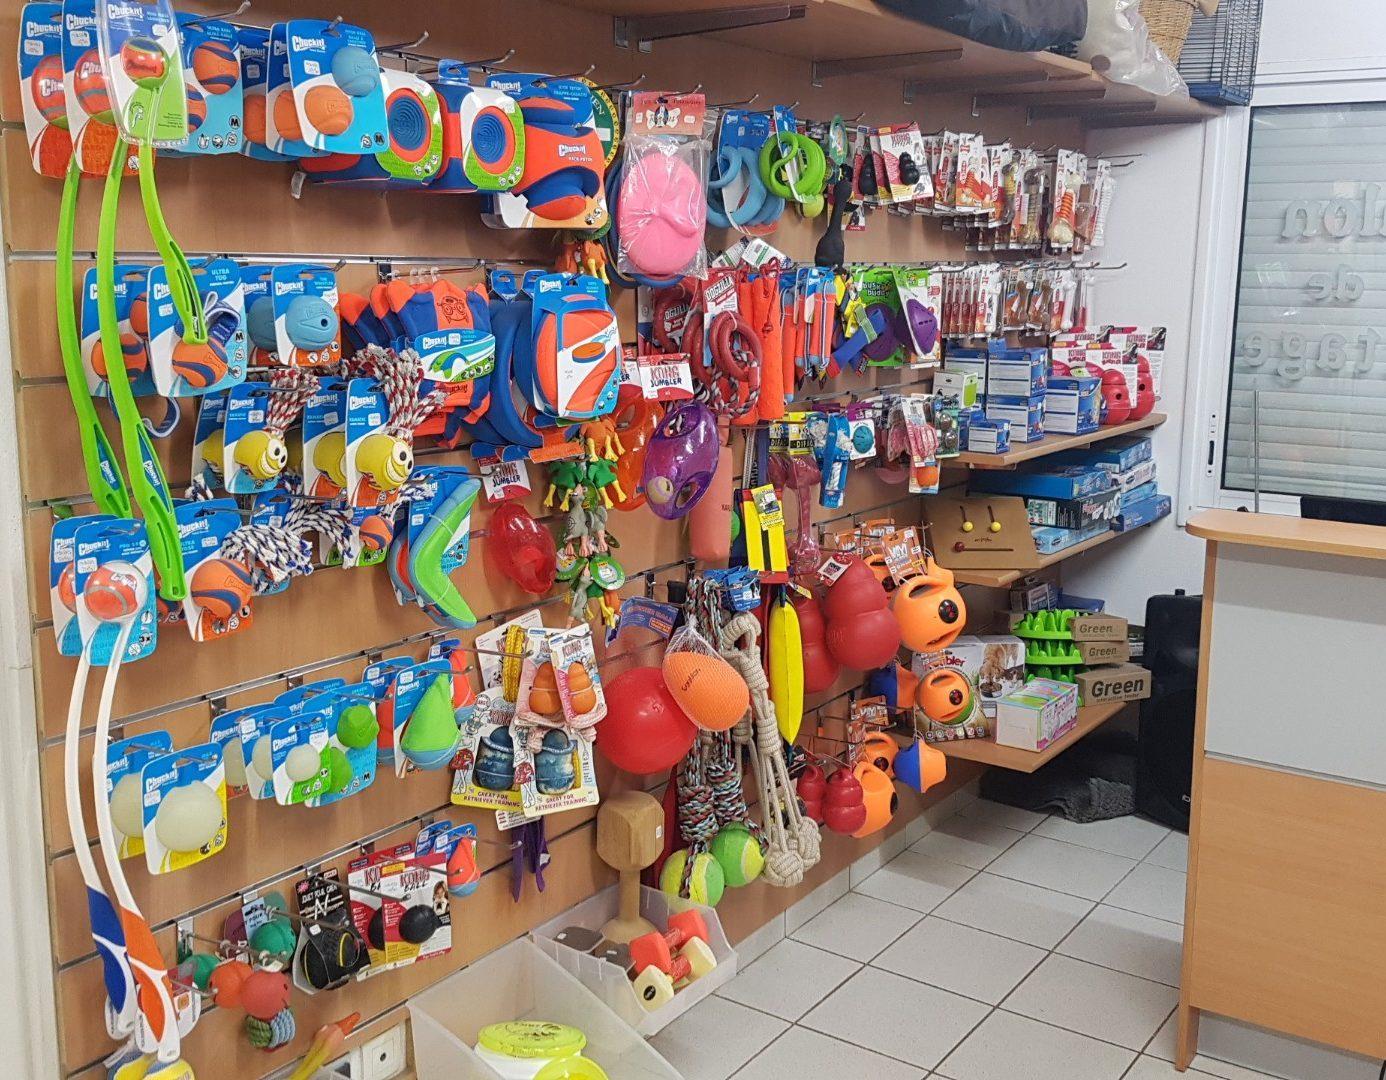 Espace Boutique - Akan ton Education - Angers-Beaucouzé